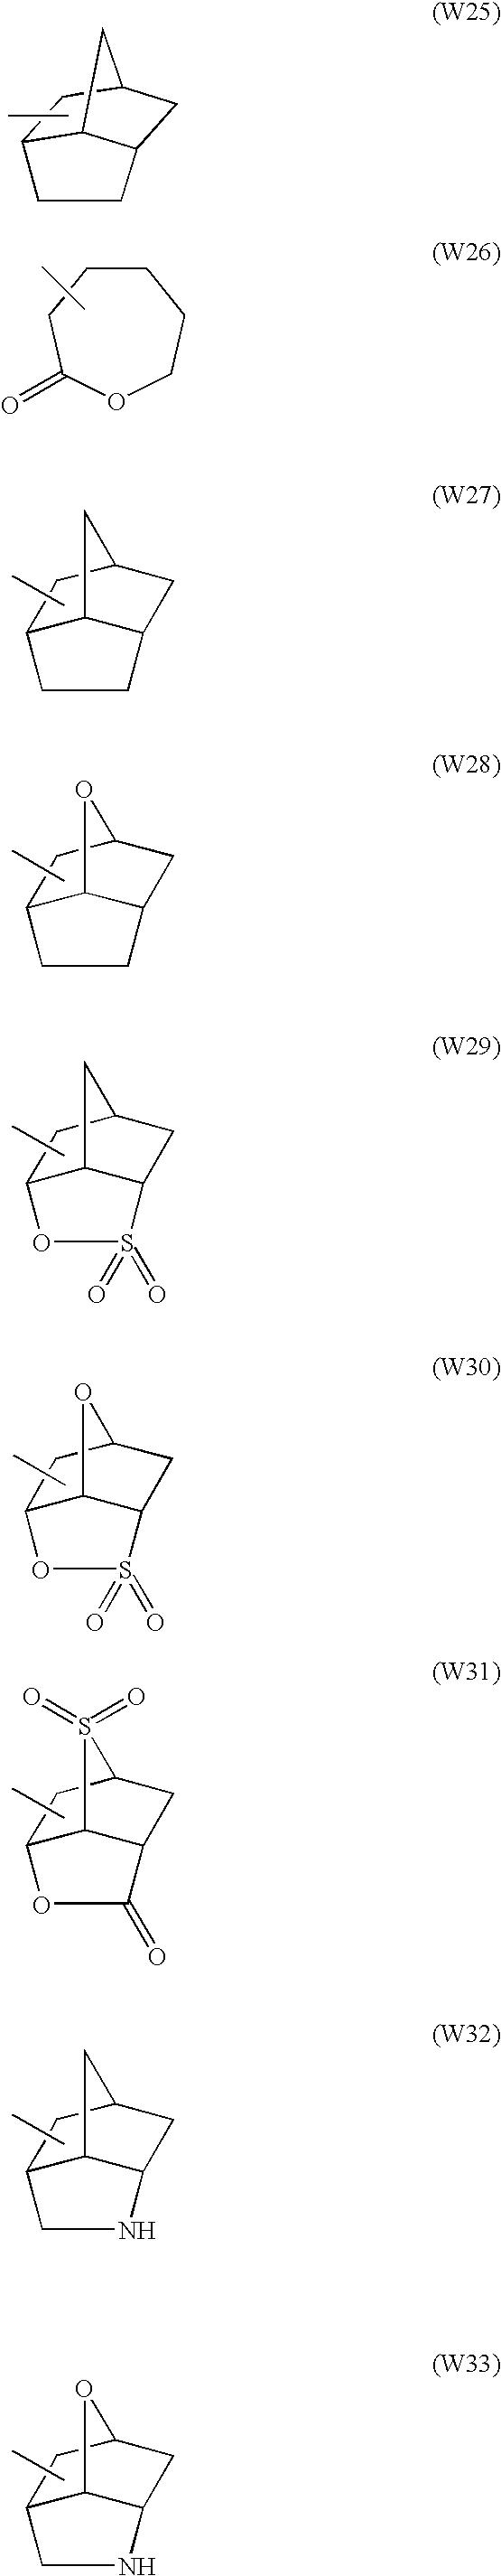 Figure US20100323296A1-20101223-C00071